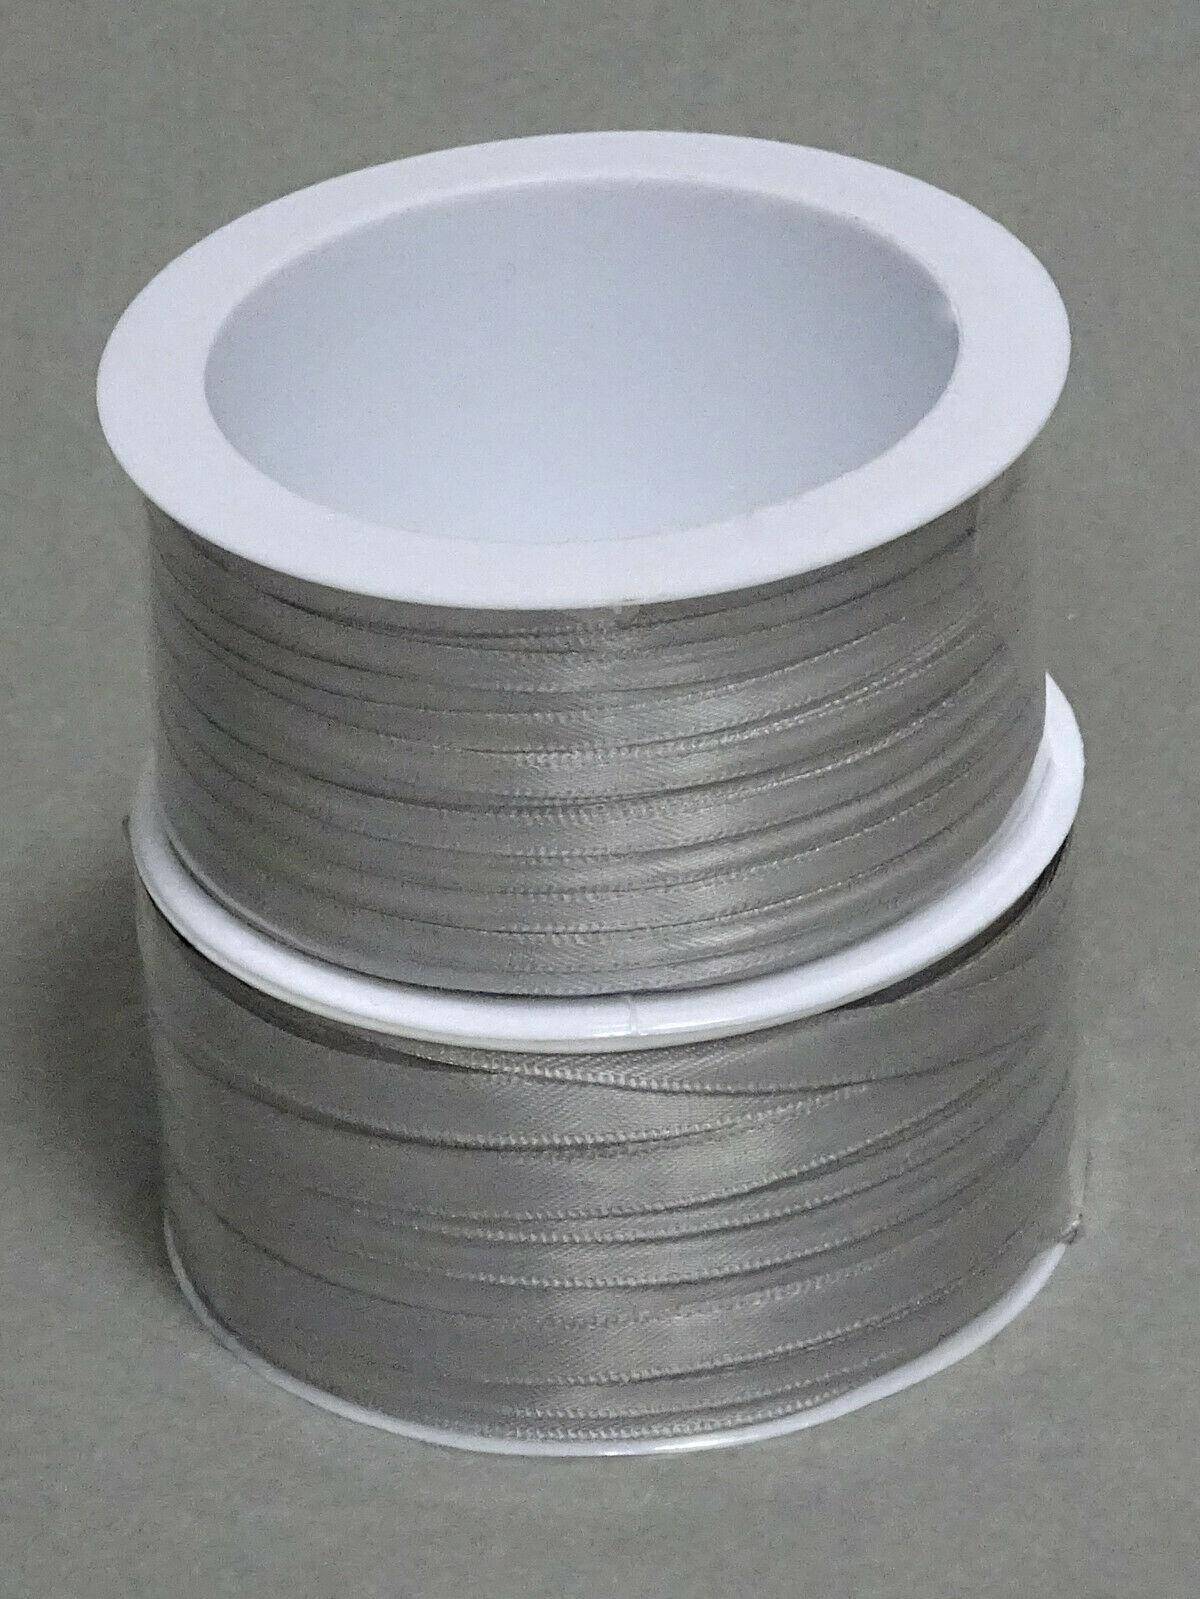 Satinband Schleifenband 50m x 3mm / 6mm Dekoband ab 0,05 €/m Geschenkband Rolle - Silber-Grau 903, 6 mm x 50 m